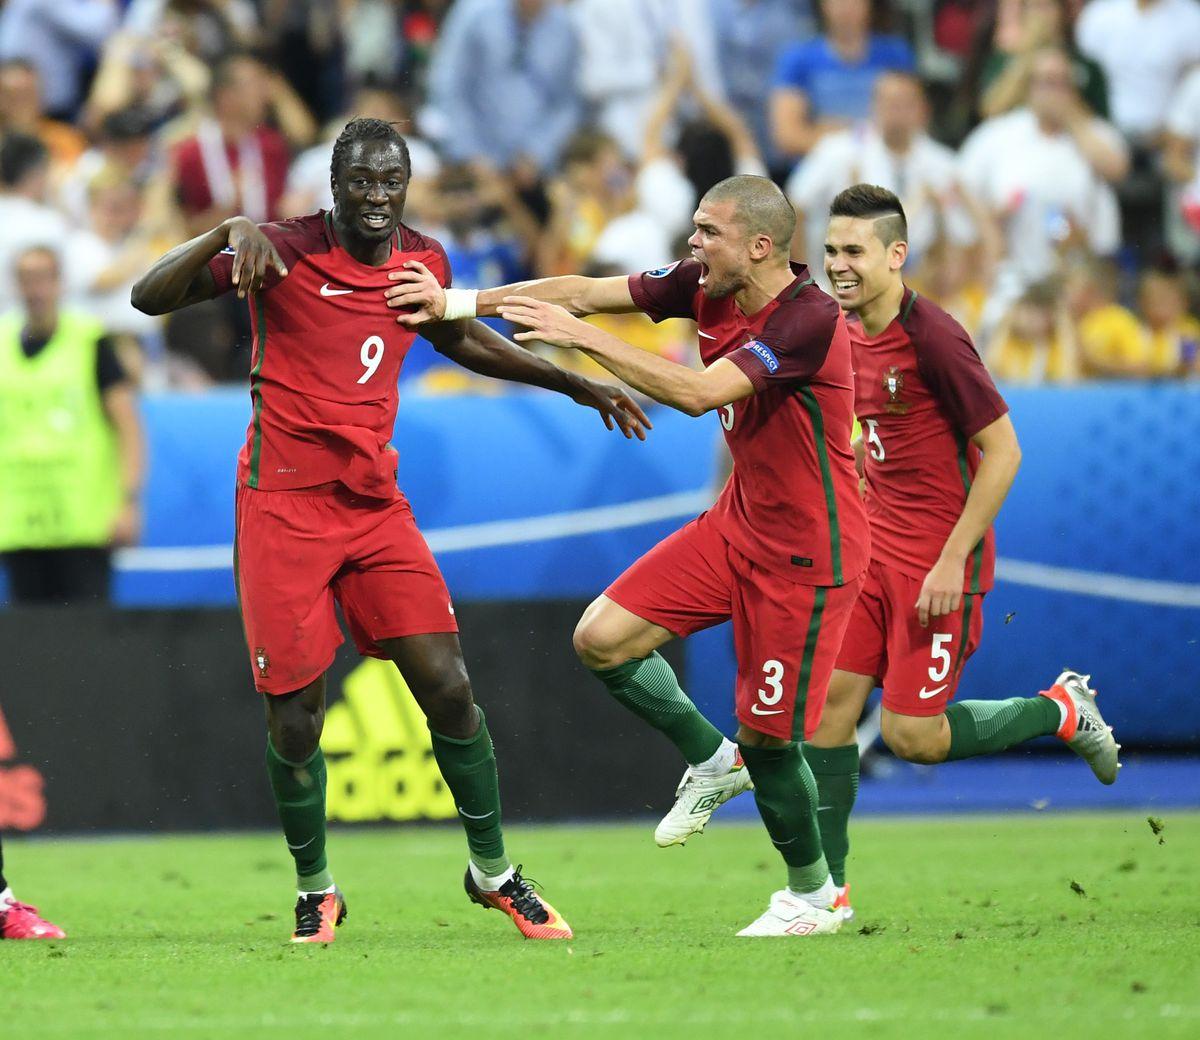 Portugal wins UEFA Euro 2016